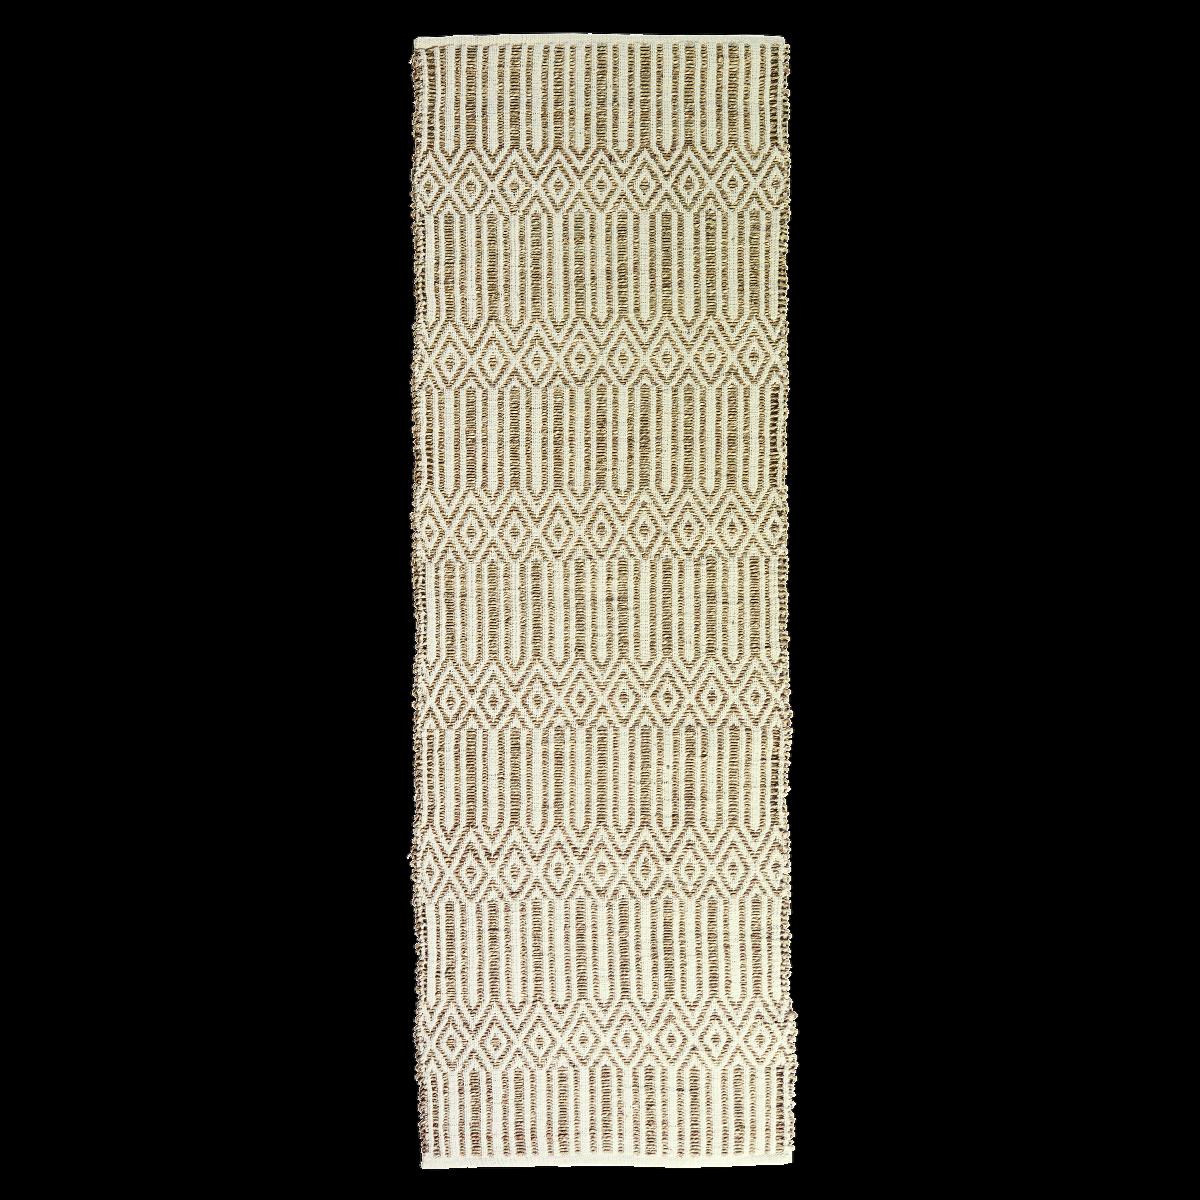 Madam Stoltz TAPPETO alfiere in crine vegetale marino in natura, 70x200 cm, Tappeto Corridoio, Boho